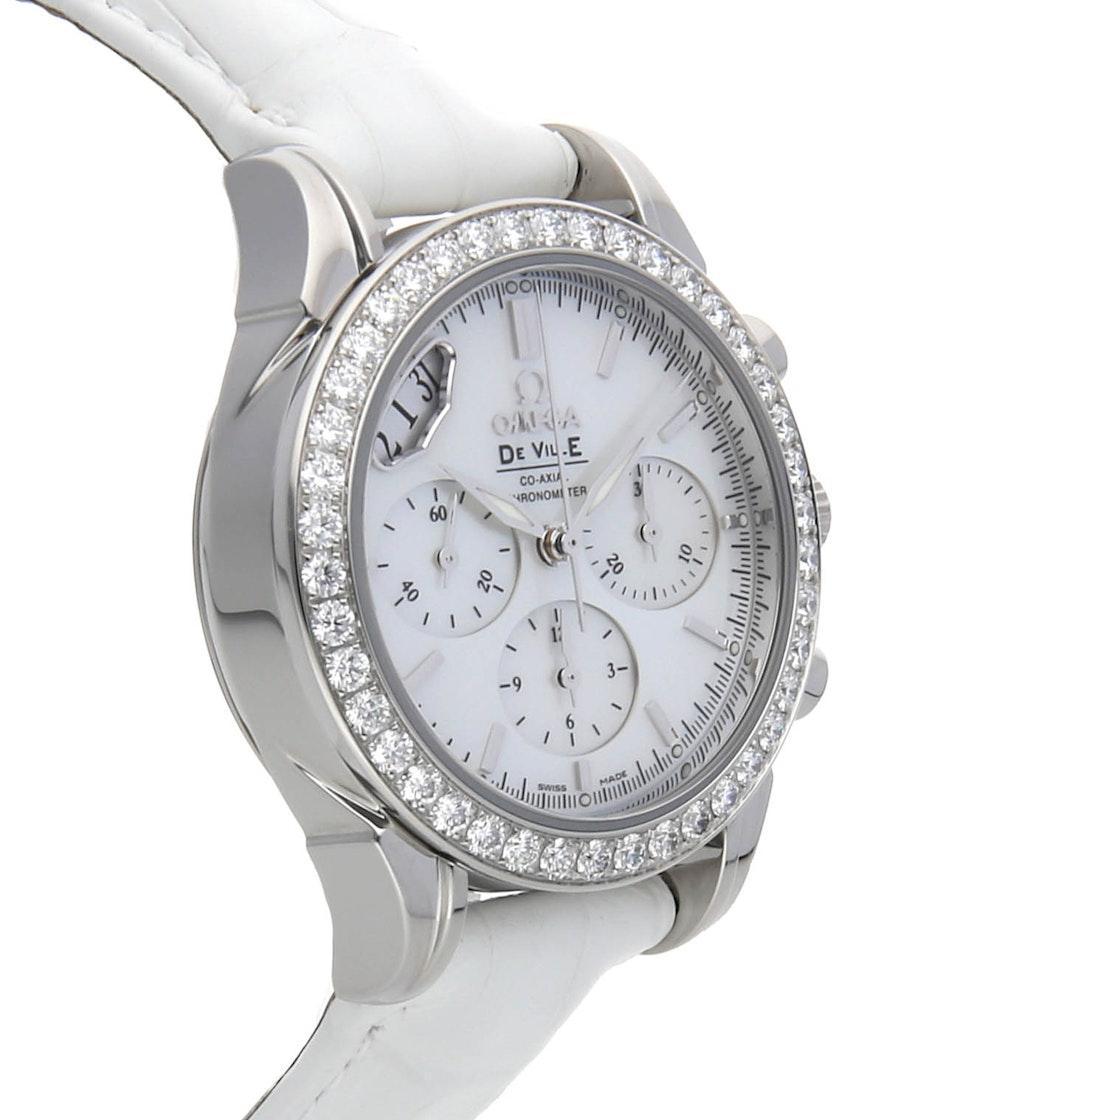 Omega De Ville Chronograph 4877.70.36